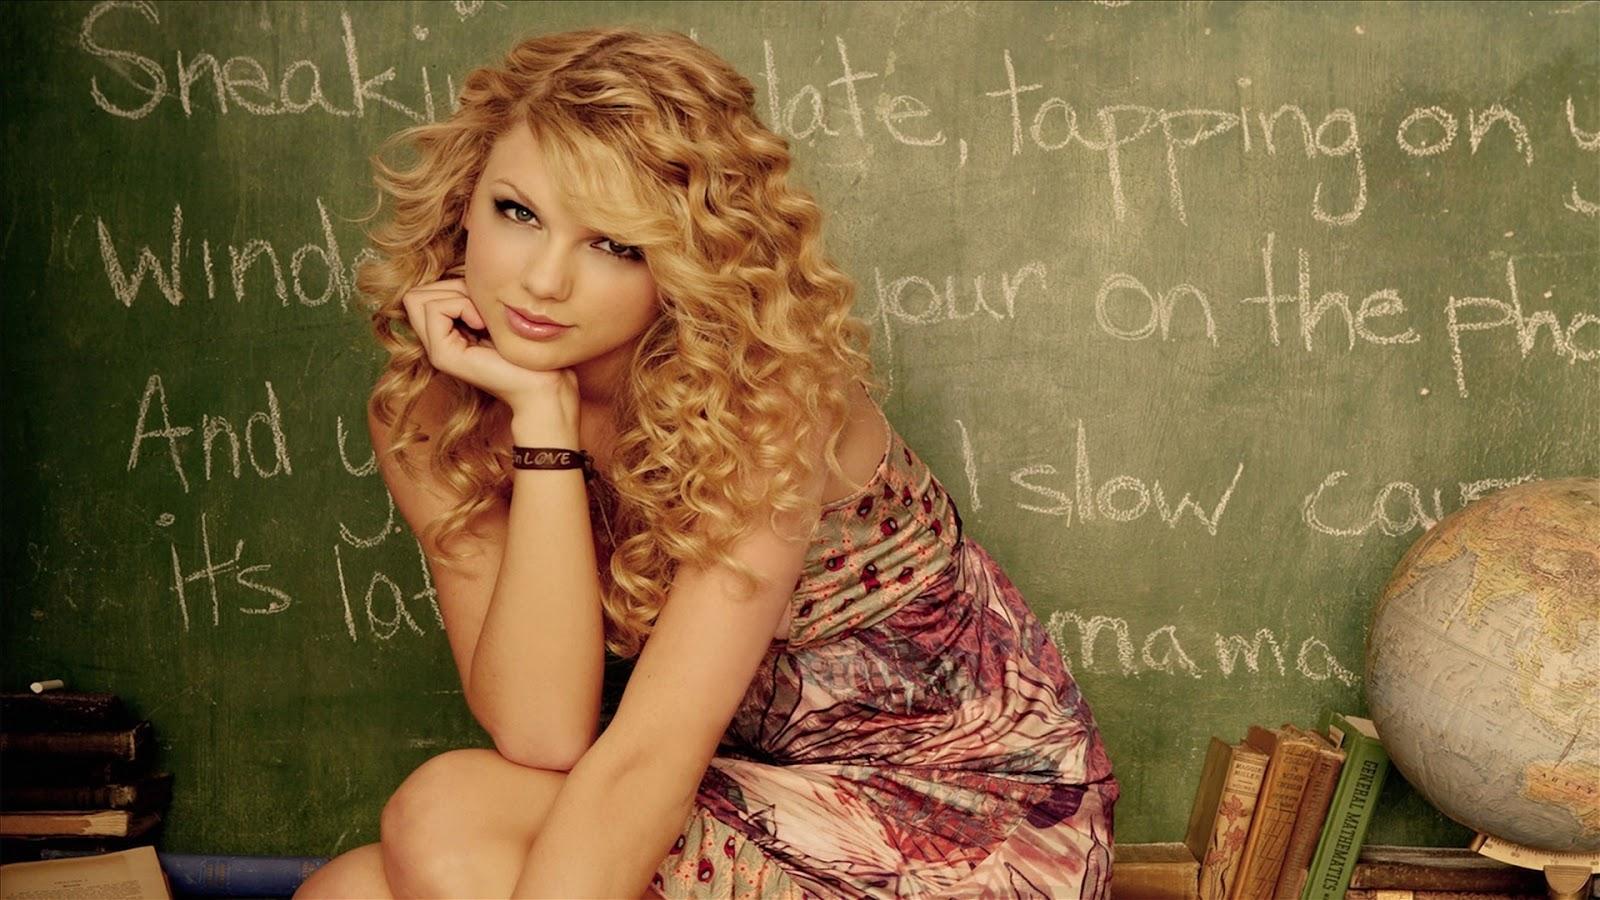 Taylor Swift Whiteboard Wallpaper